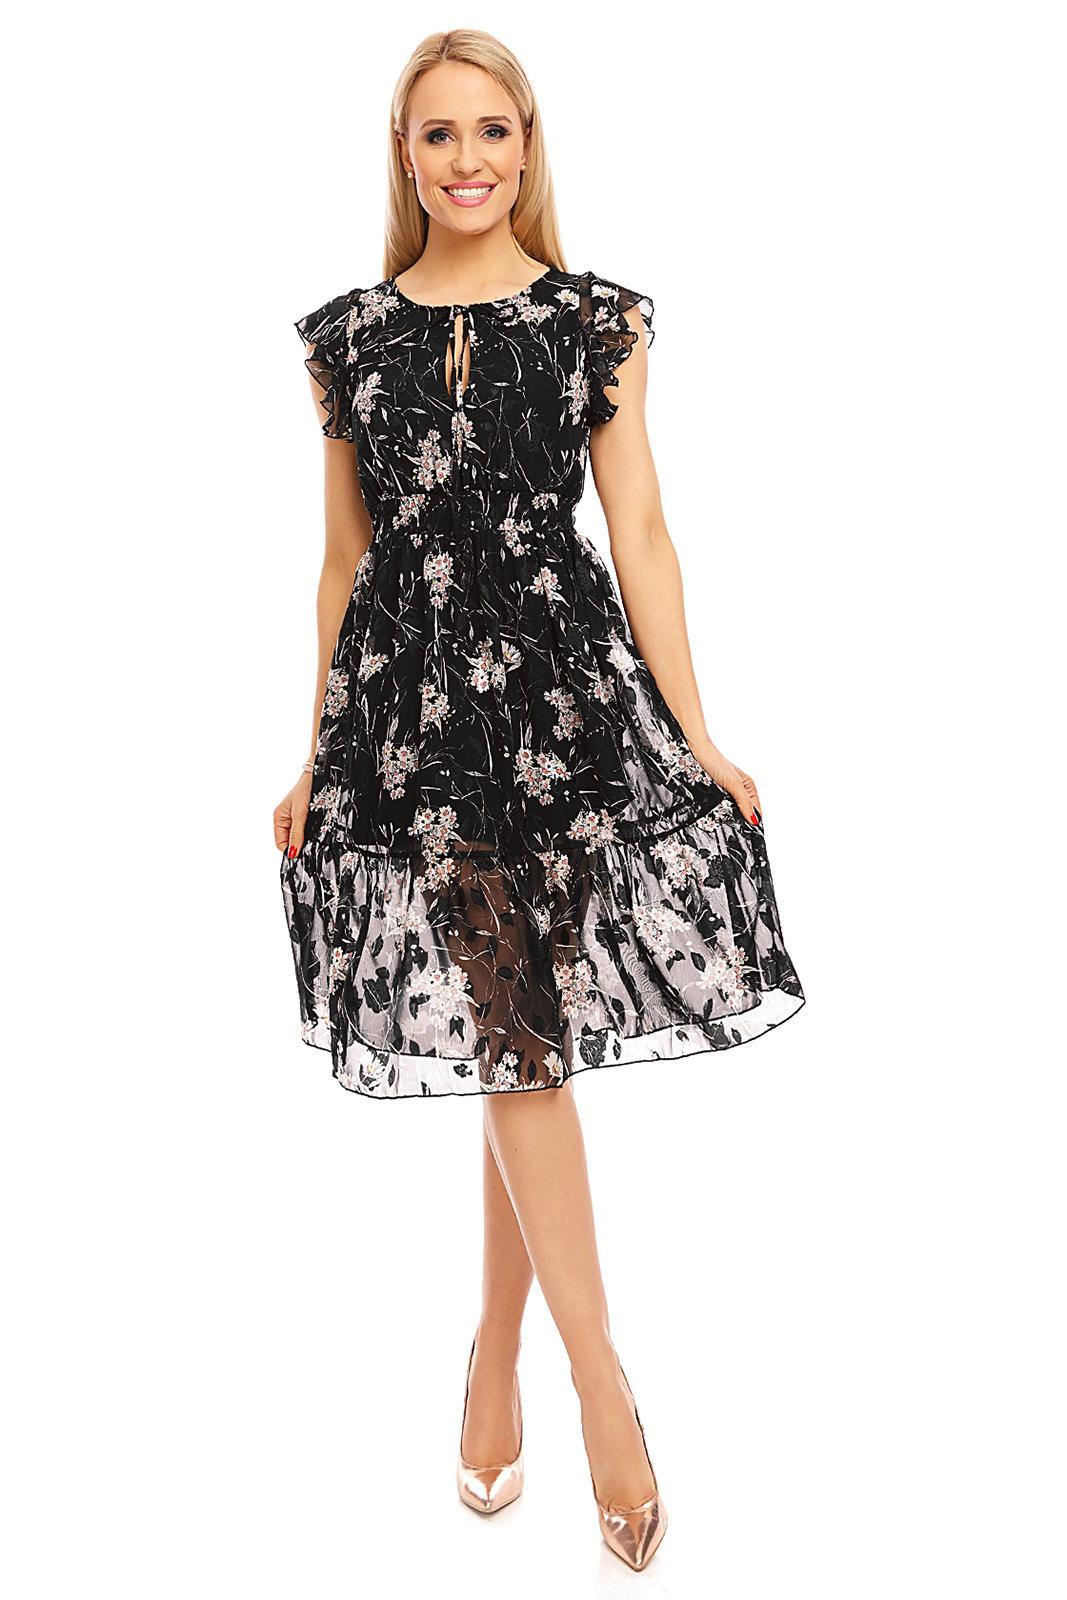 Kleid In Vogue V897 Schwarz 3490